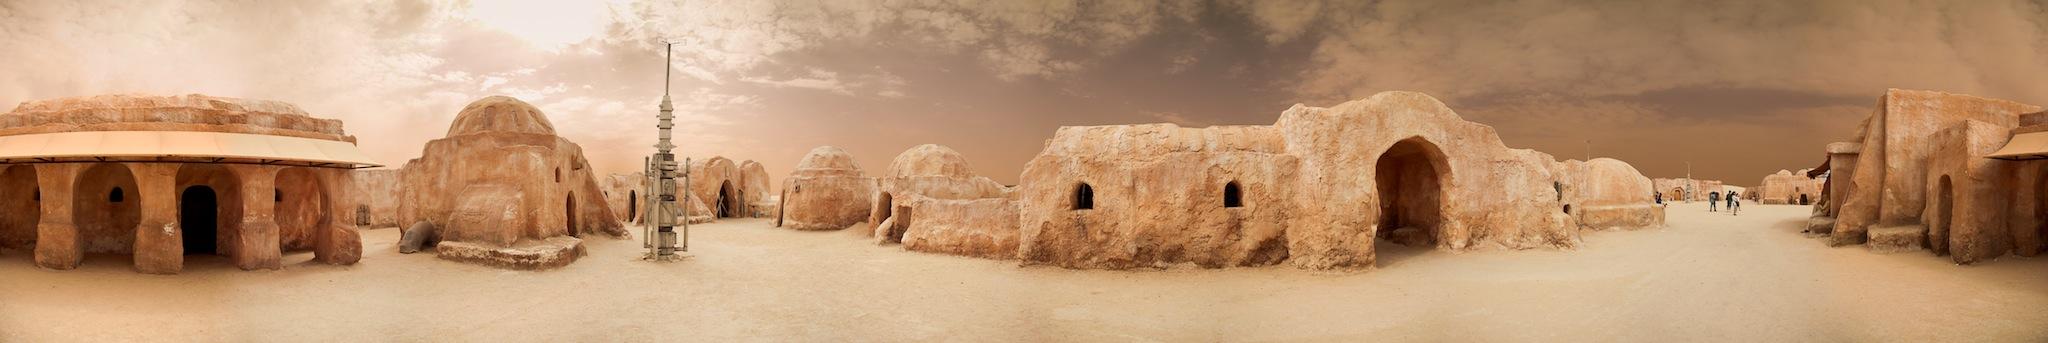 Panorama de Mos Espa, a terra do menino Anakin Skywalker